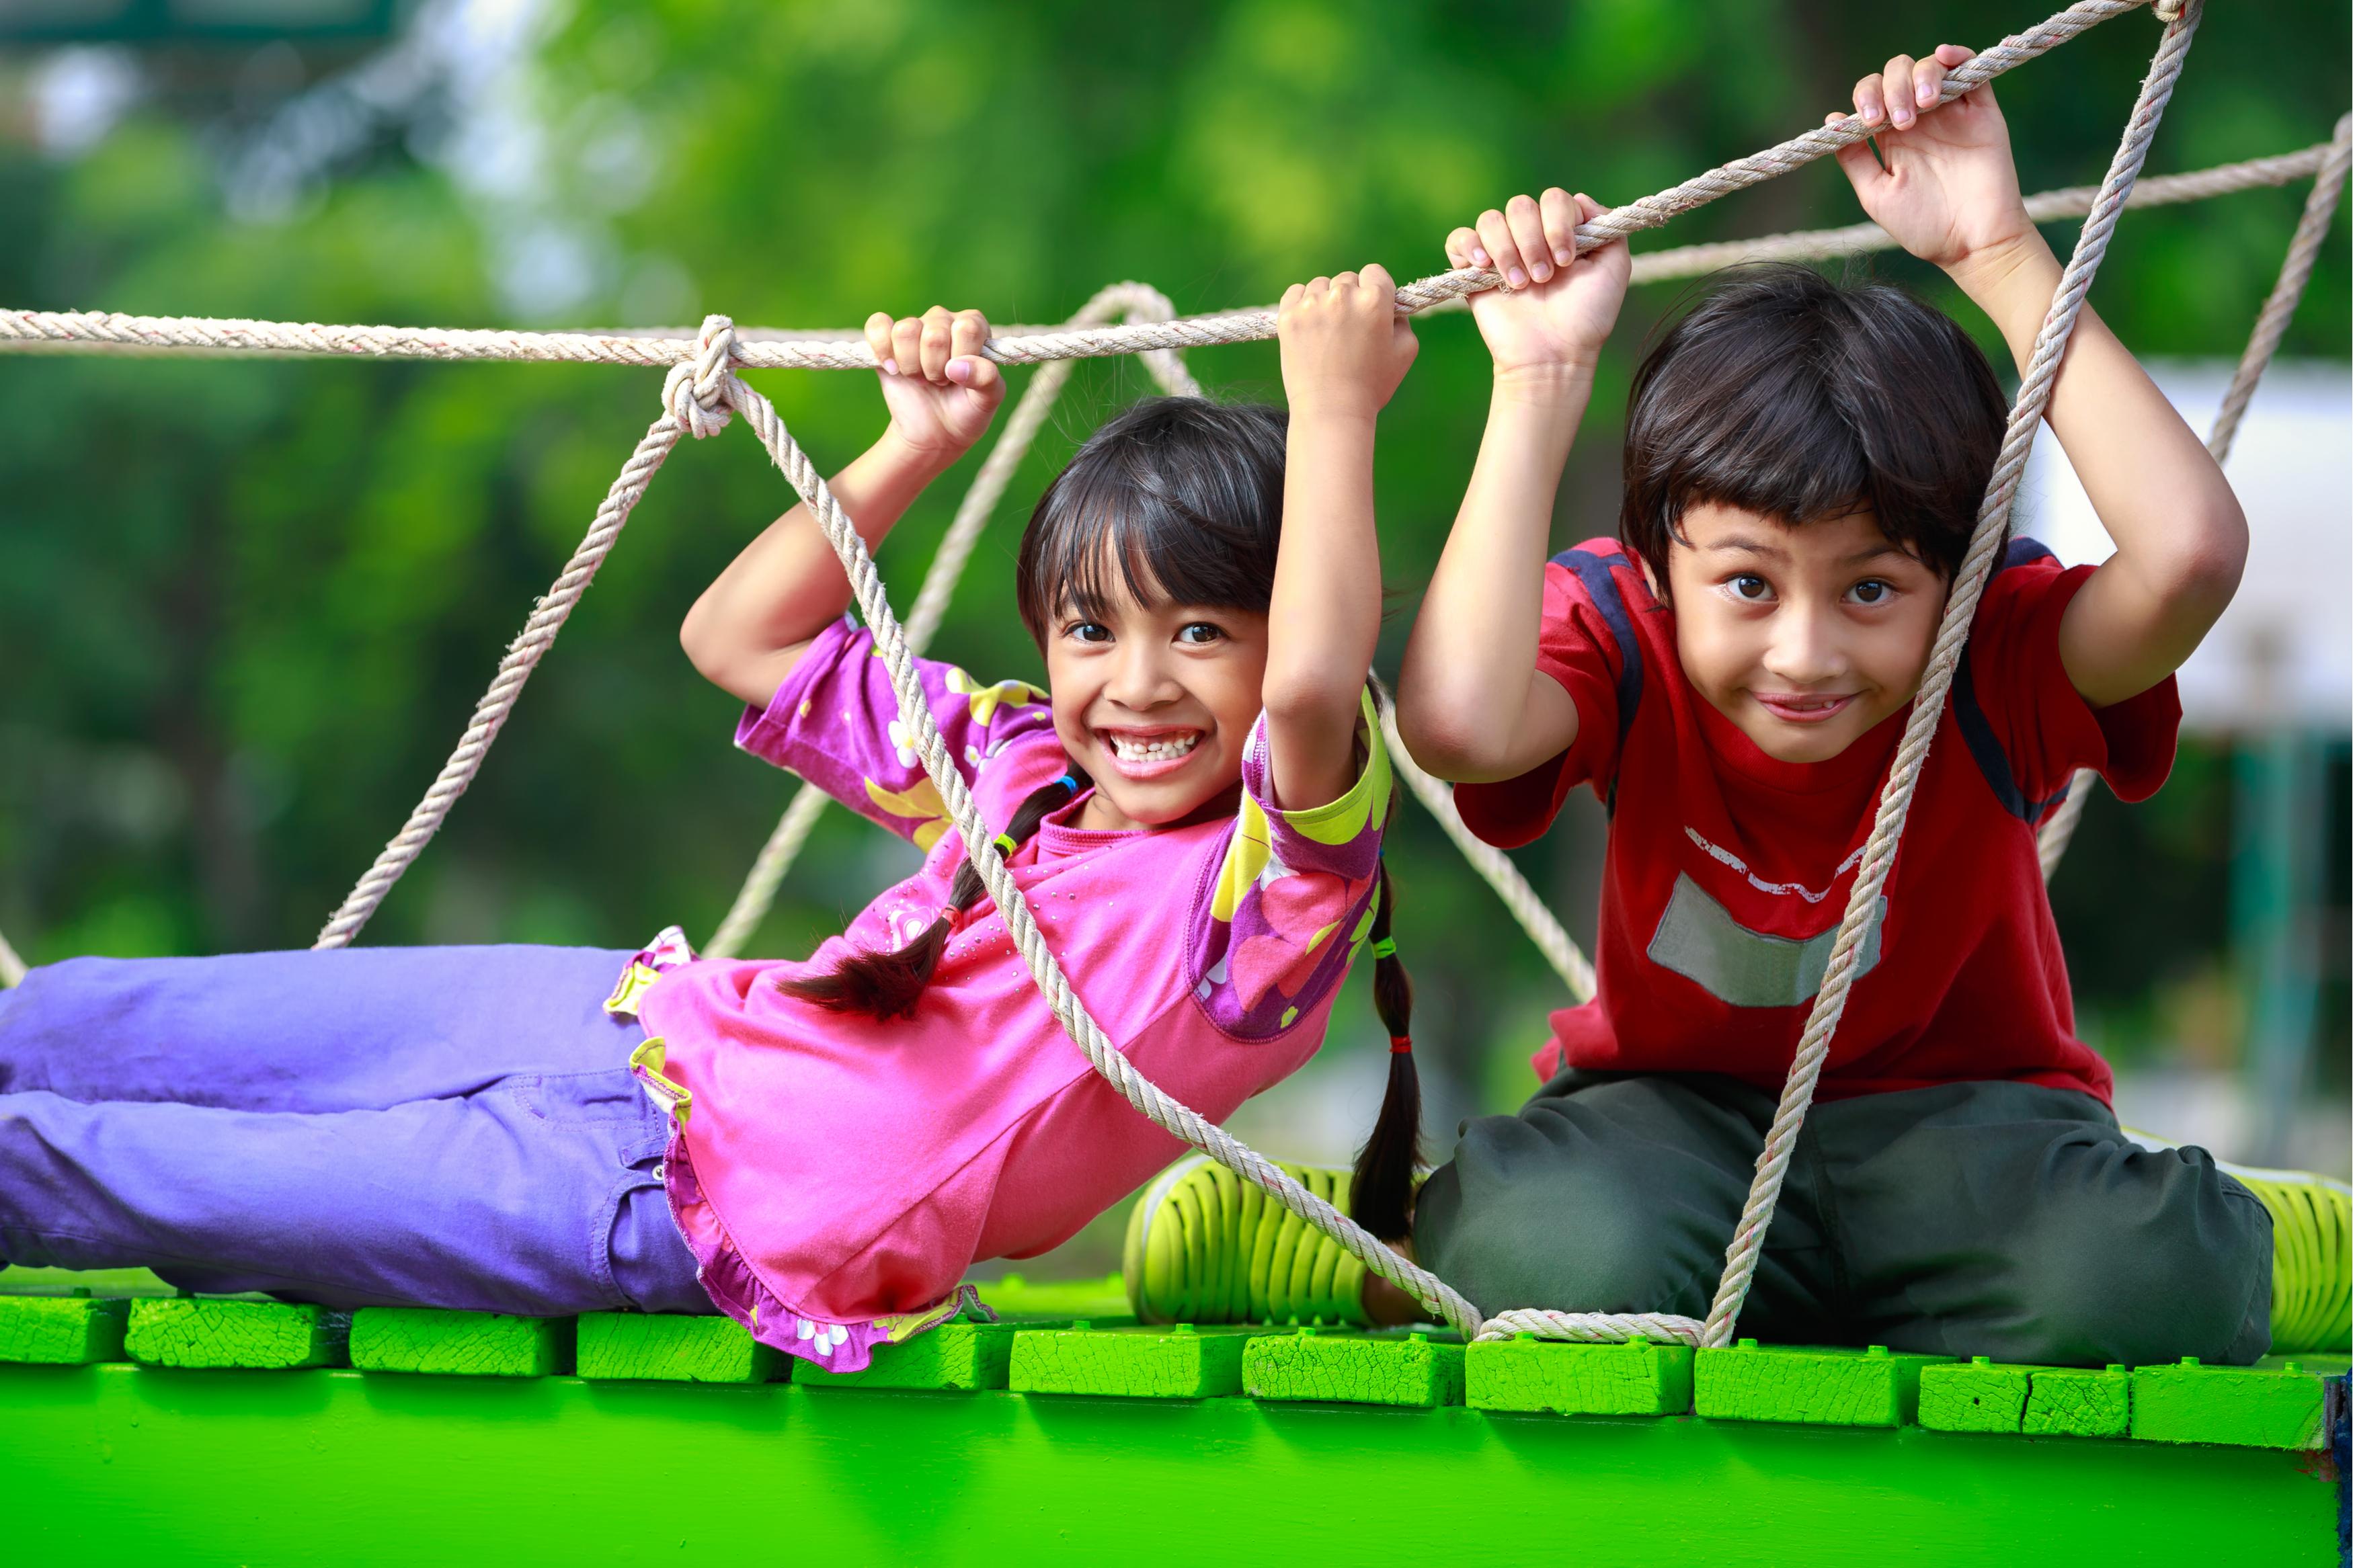 playground, playground design, playground equipment